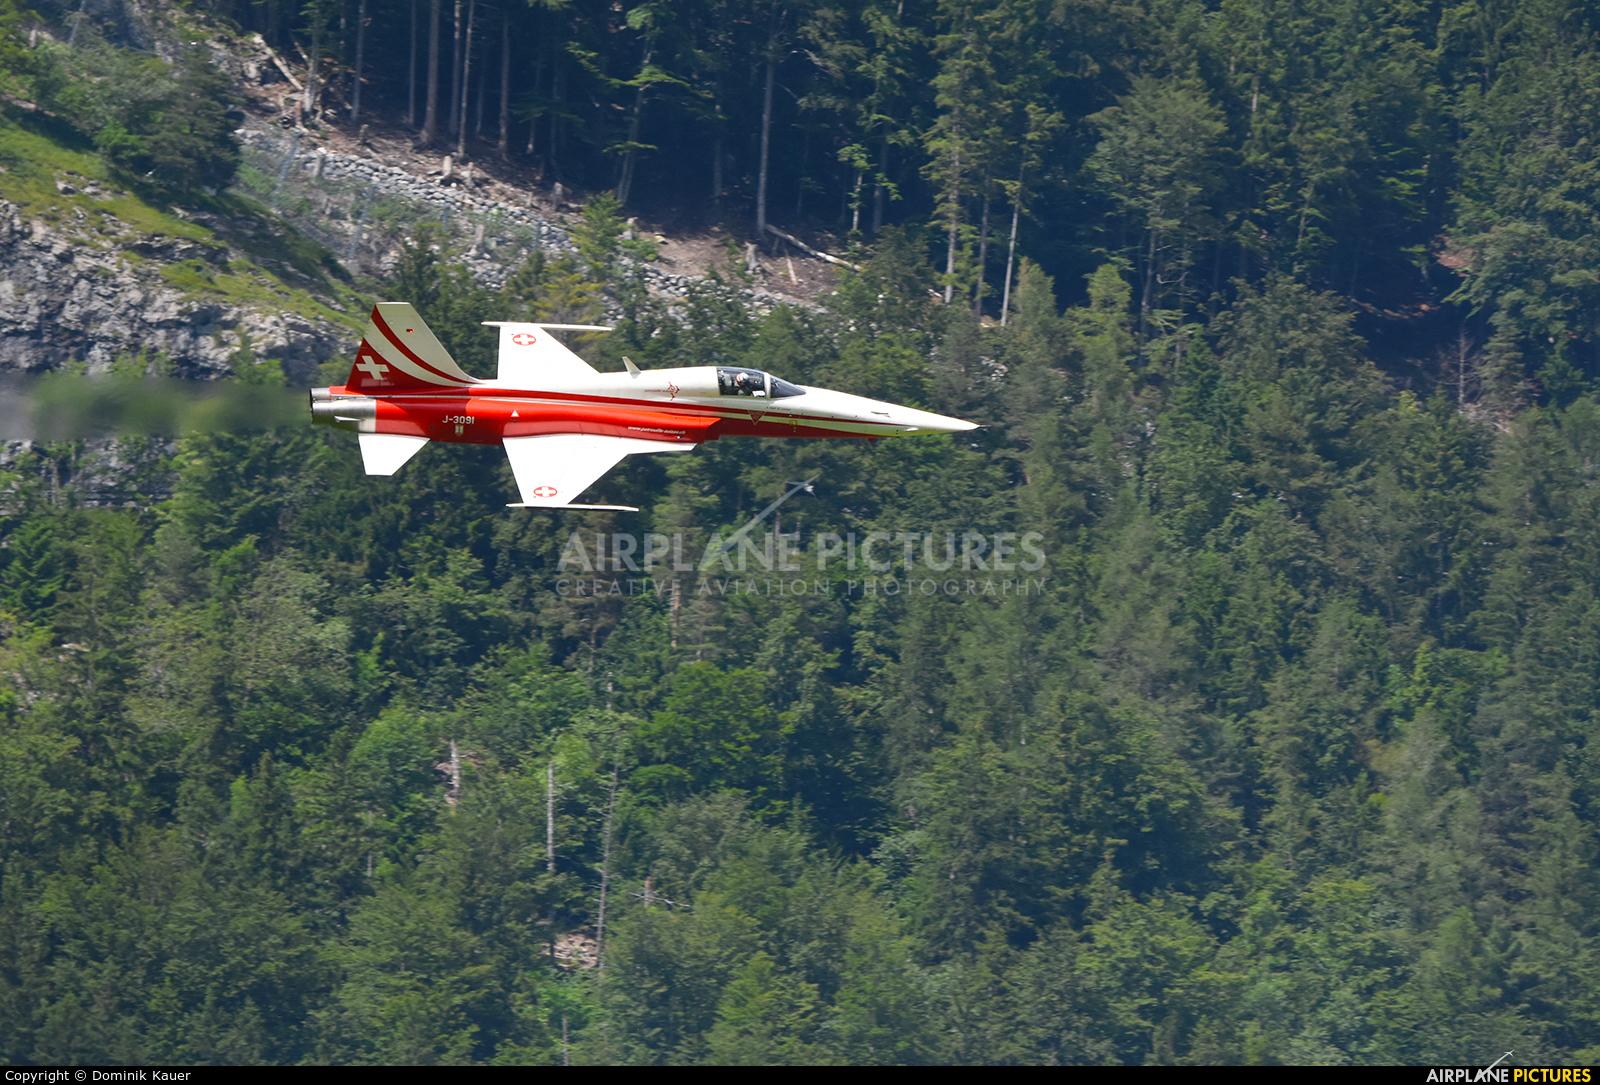 Switzerland - Air Force:  Patrouille de Suisse J-3091 aircraft at Meiringen